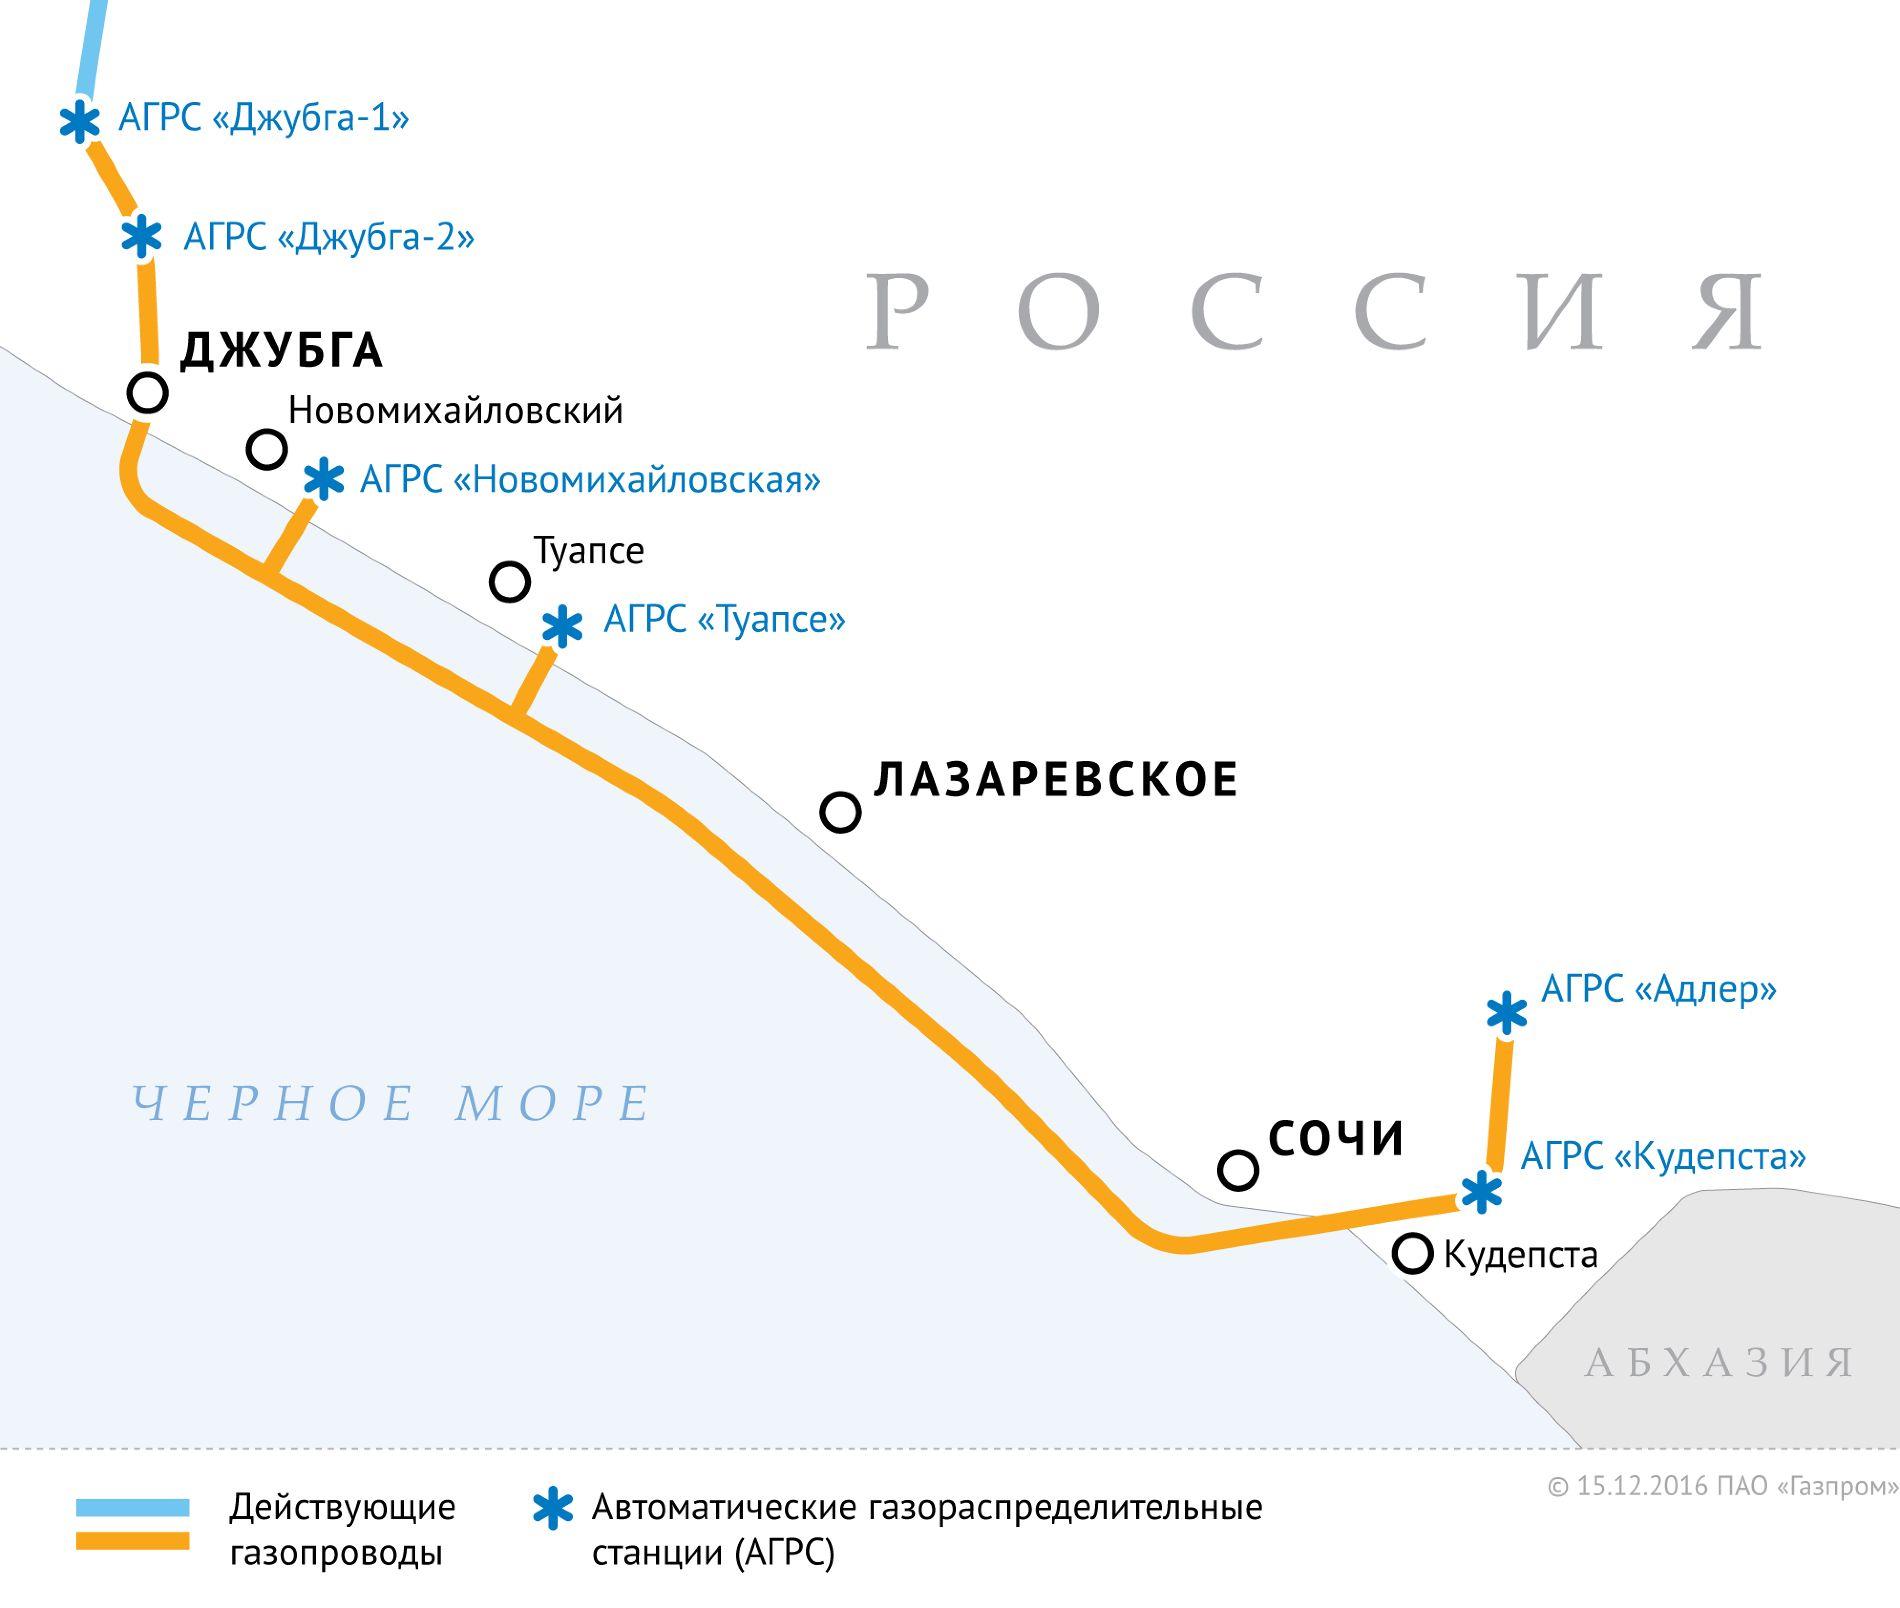 Схема газопровода Джубга — Лазаревское — Сочи ©gazprom.ru